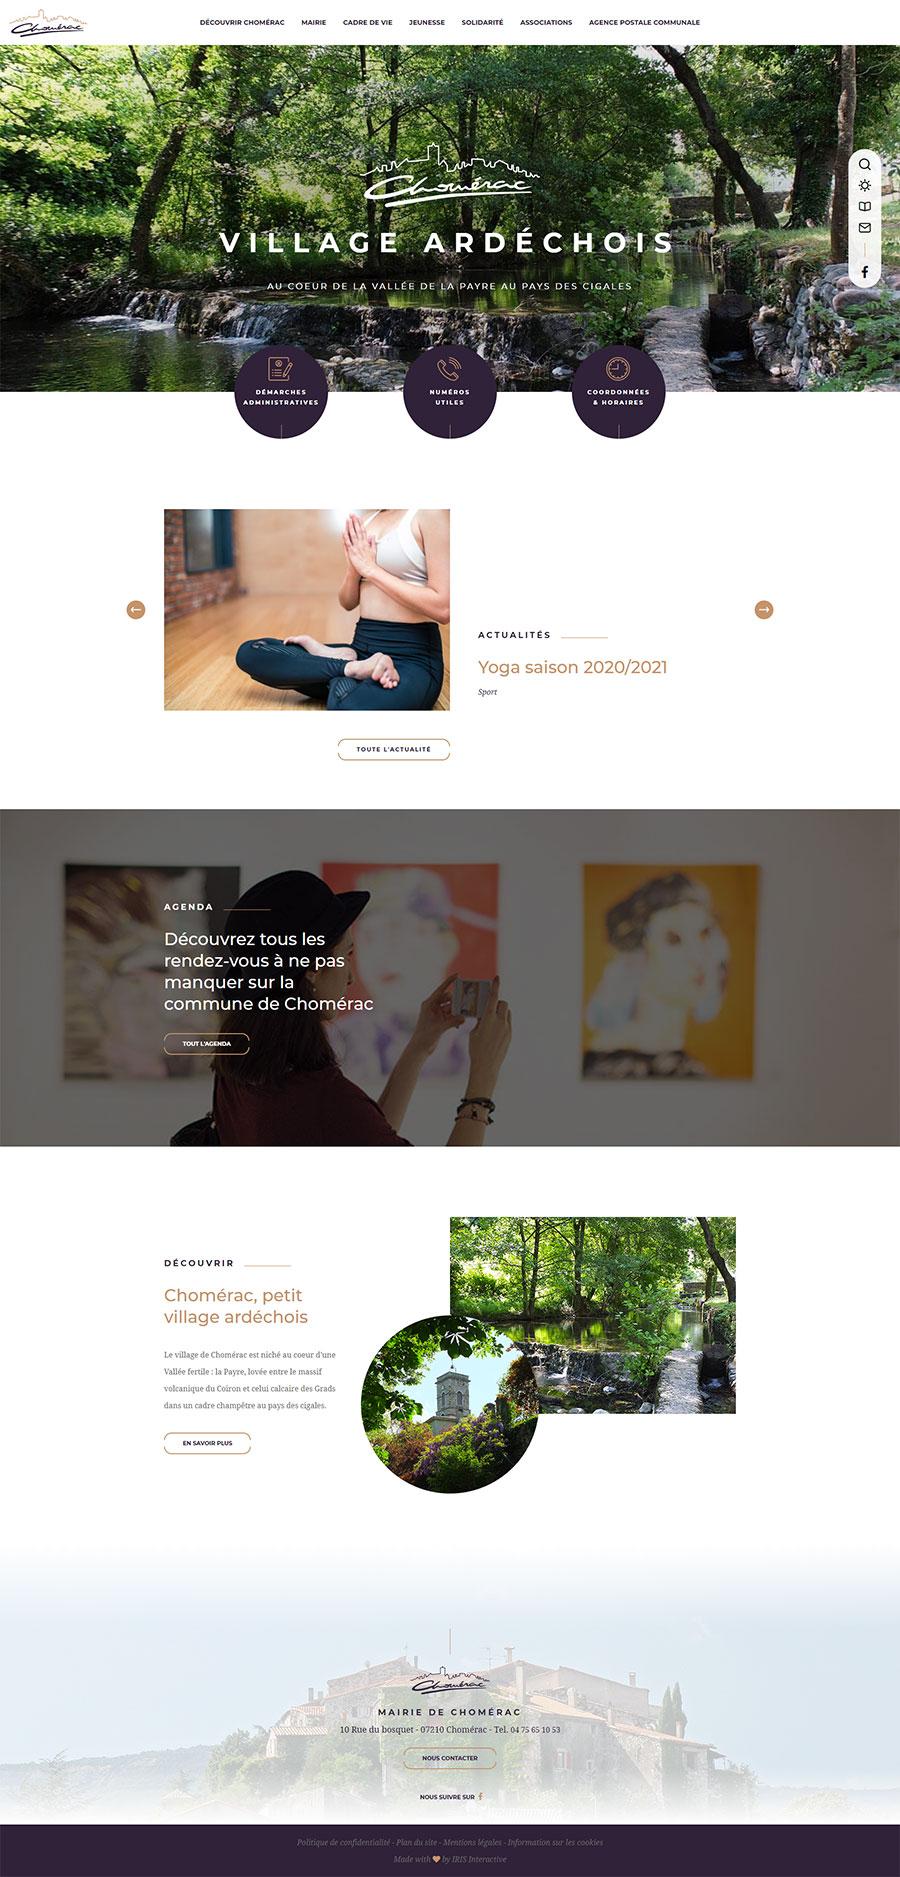 Maquette du site internet de la mairie de Chomérac